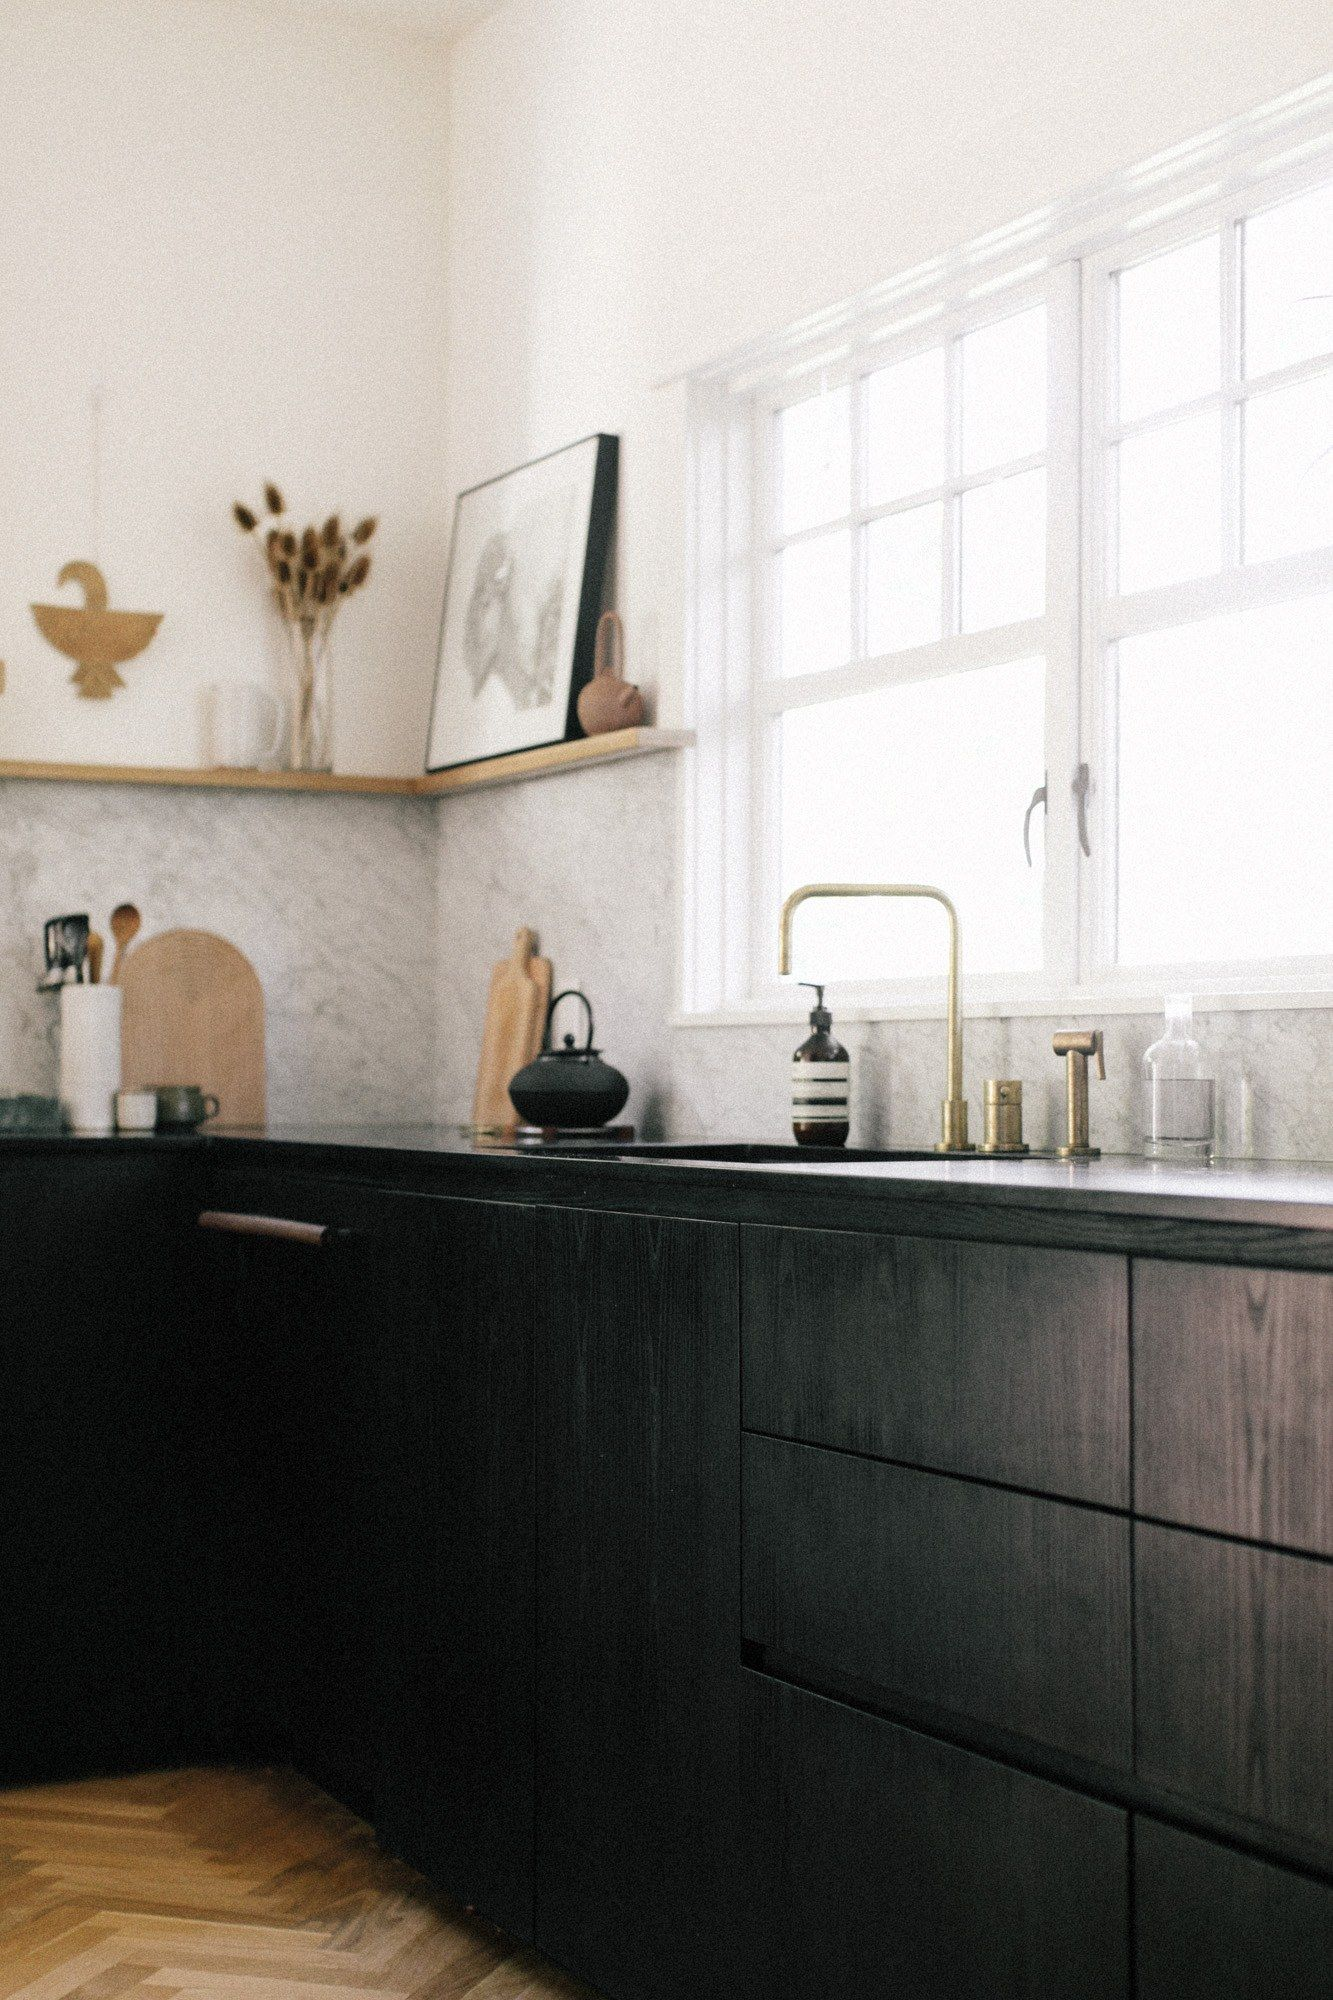 amateur kitchens of the day | Comedores, Cocinas y Estilo